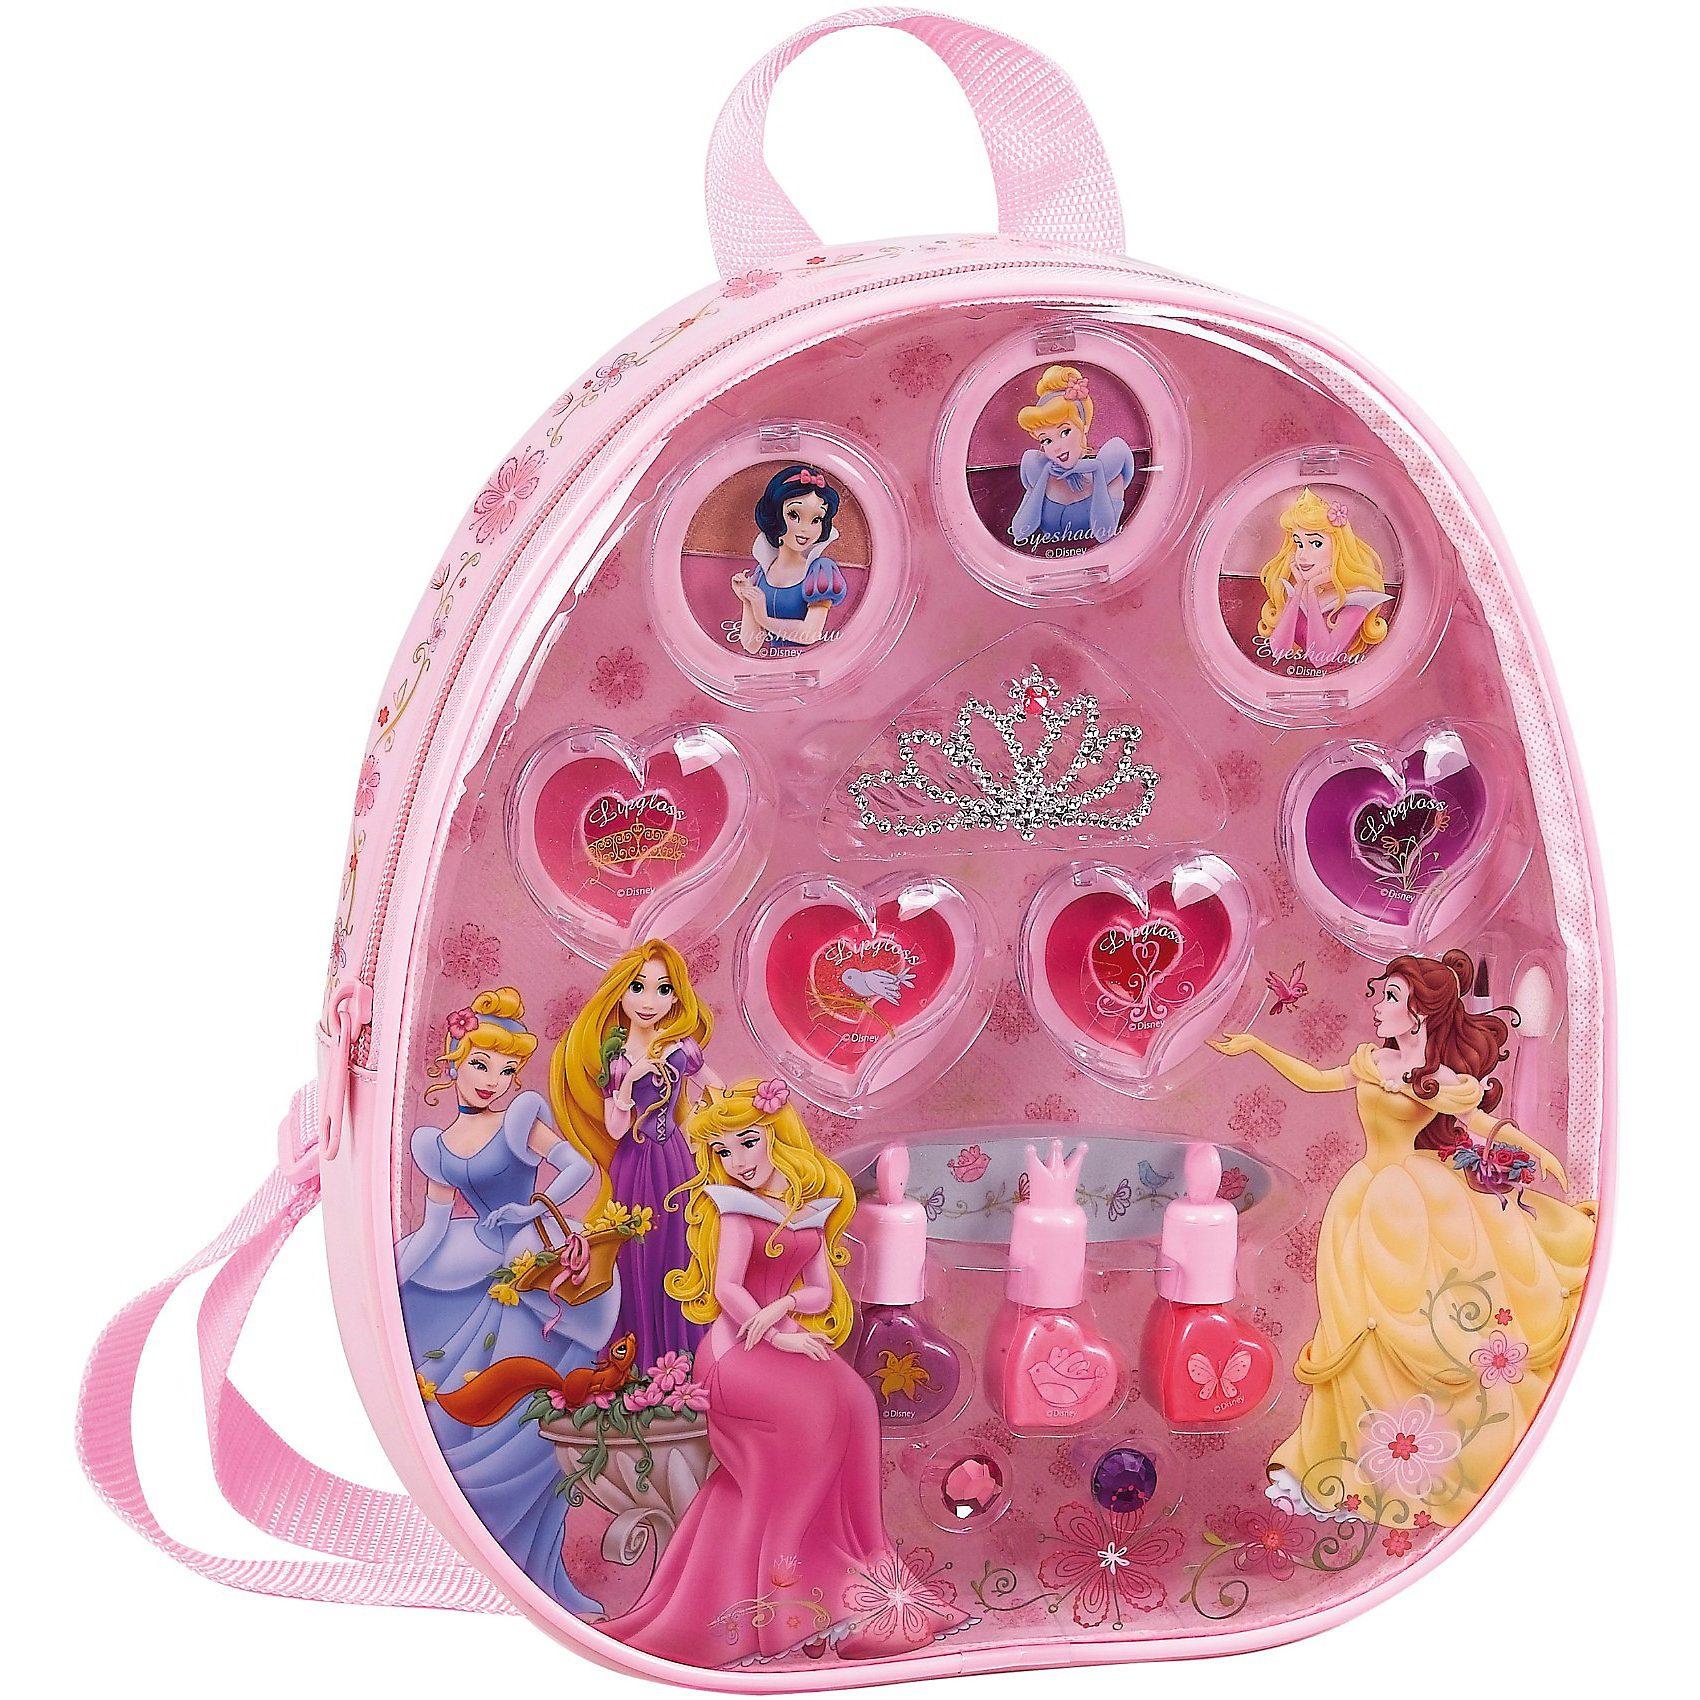 Disney Princess Rucksack mit Kosmetik